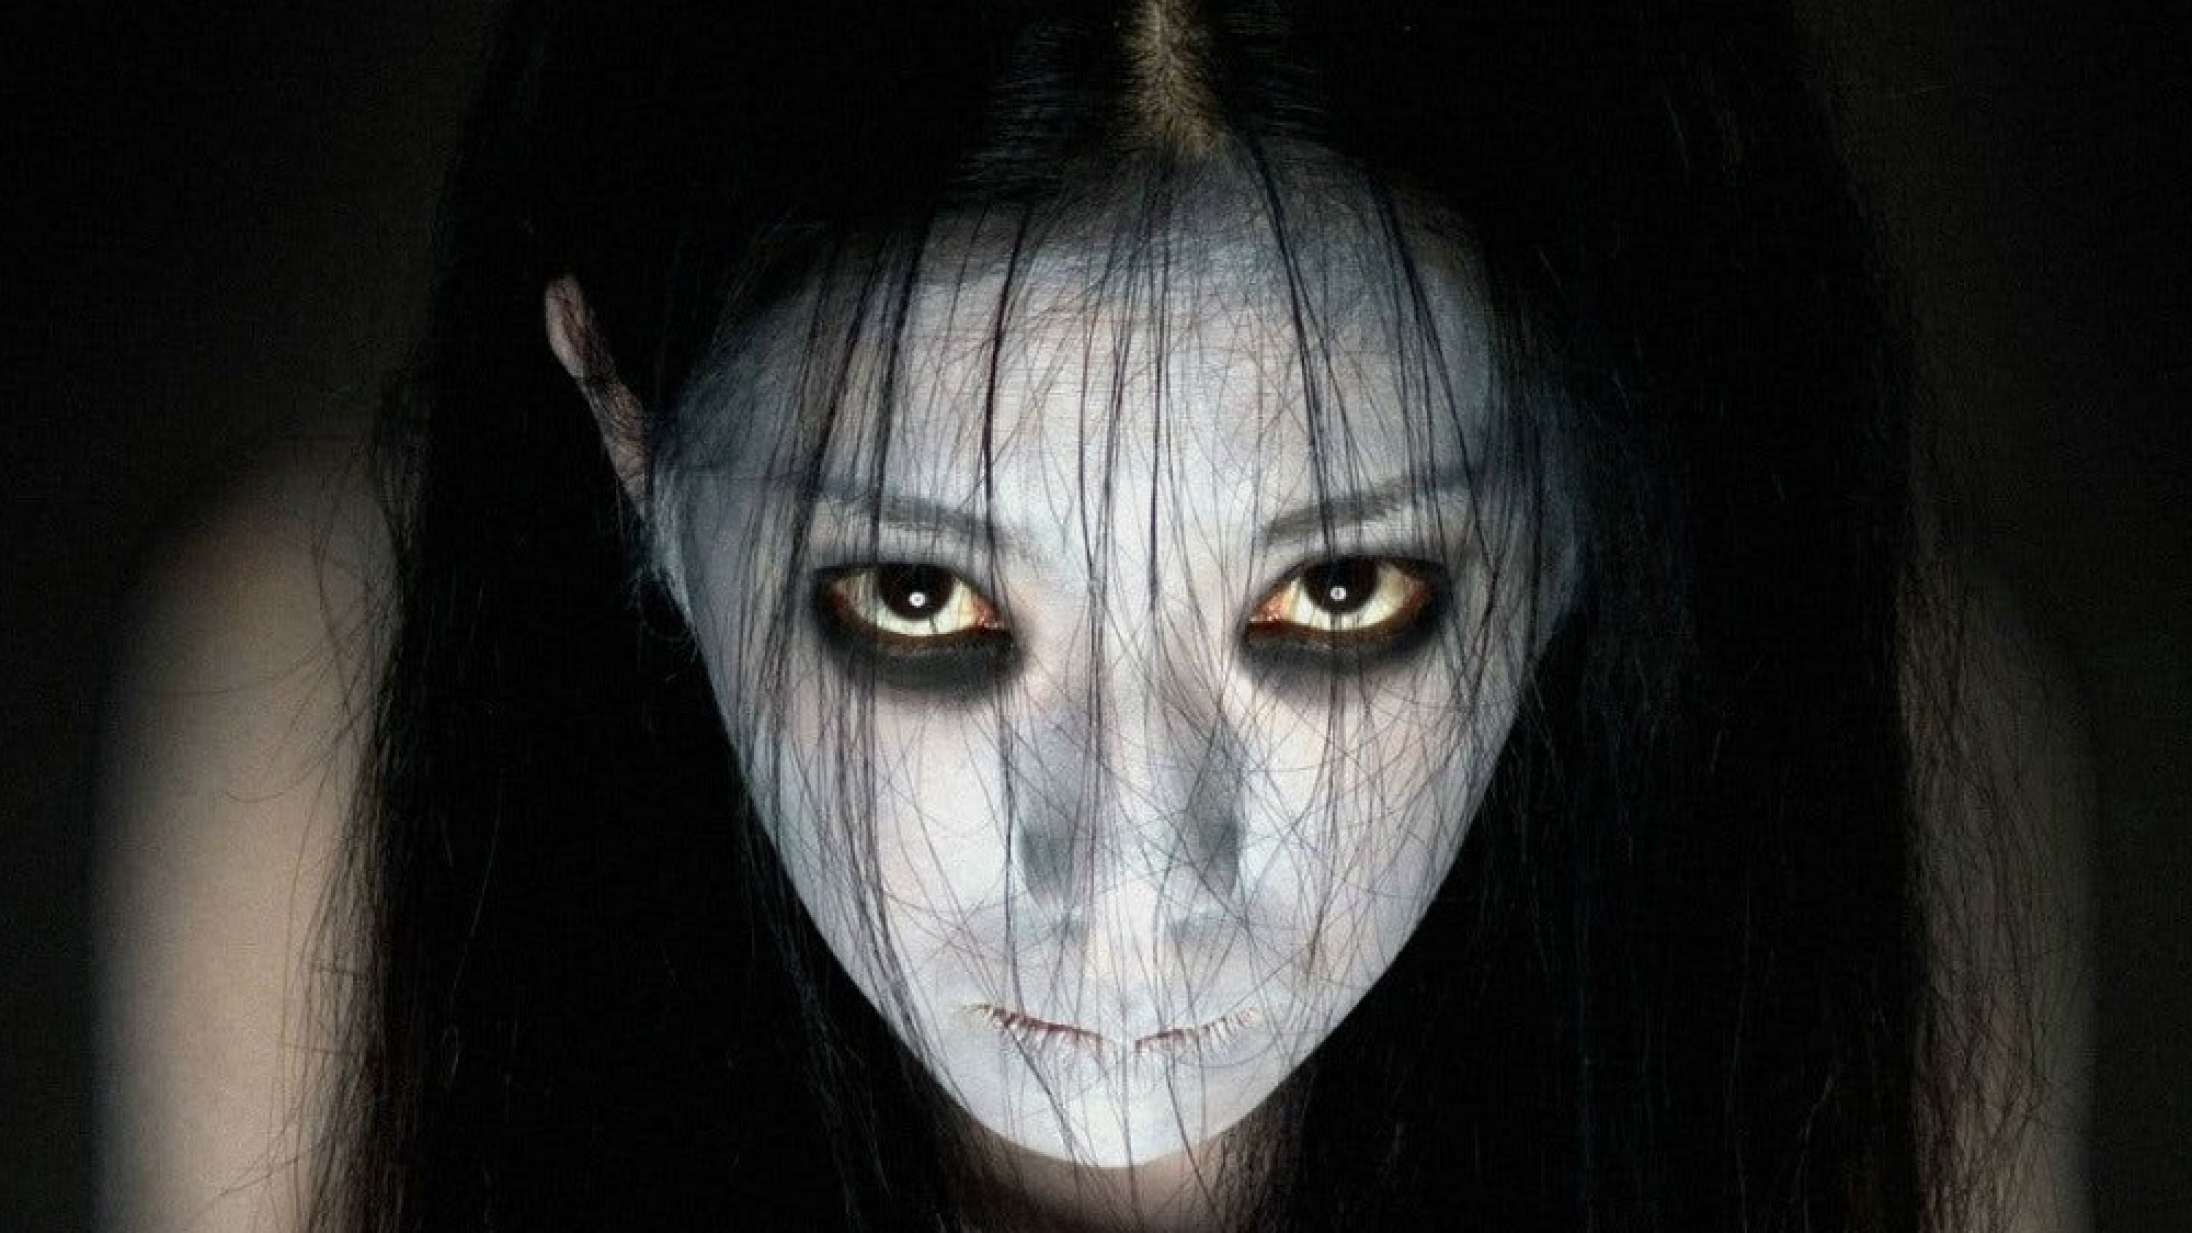 Disse fem moderne horrorfilm genopfandt genren